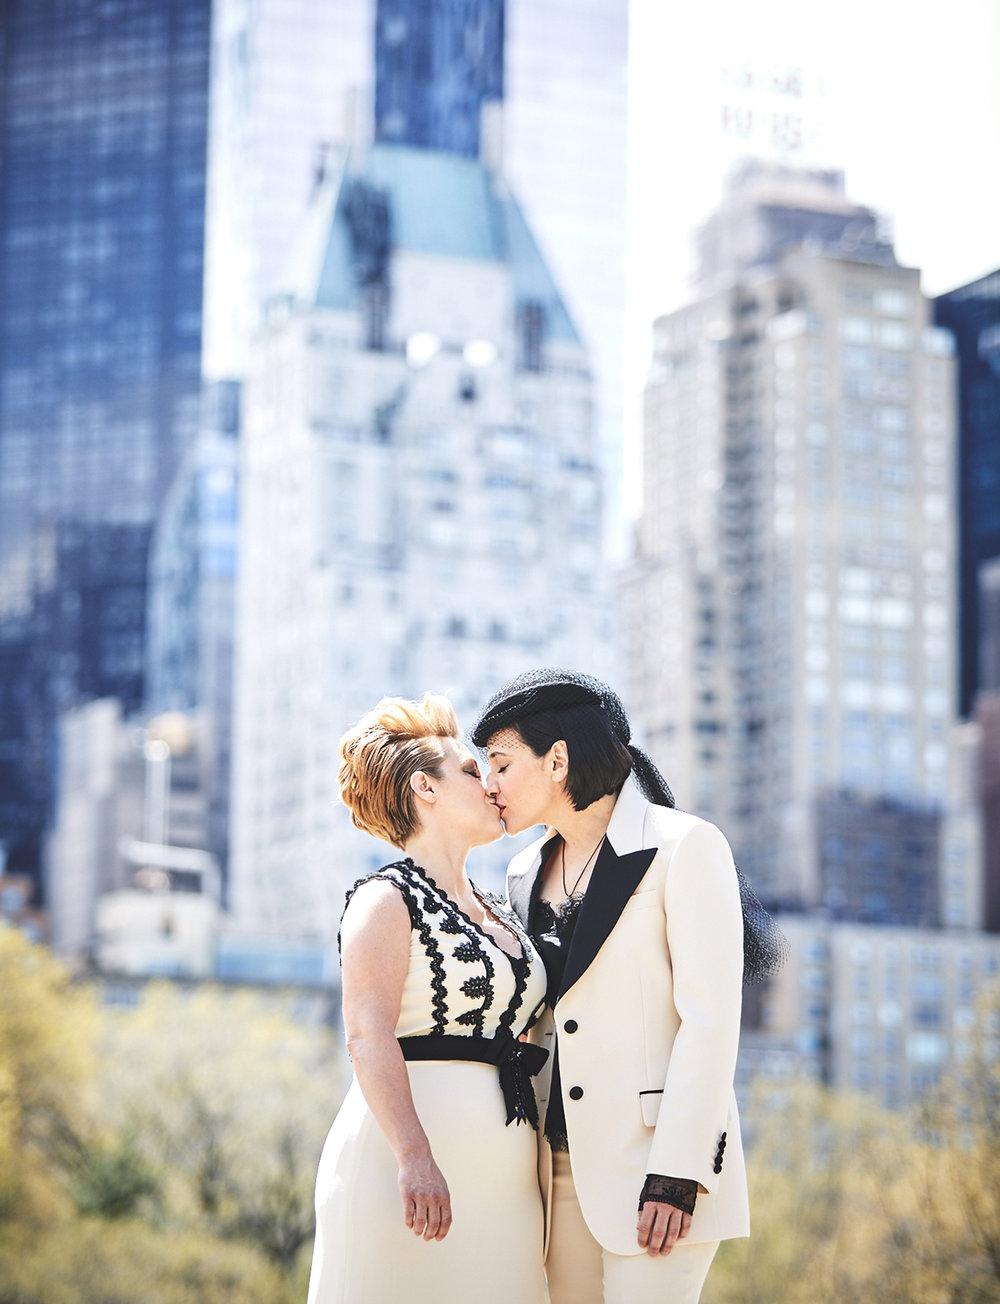 170423-SameSexWedding-GayWedding-LesbianWedding-CentralParkWedding-TheDanielWeddingPhotography_By_BriJohnsonWeddings_0030.jpg